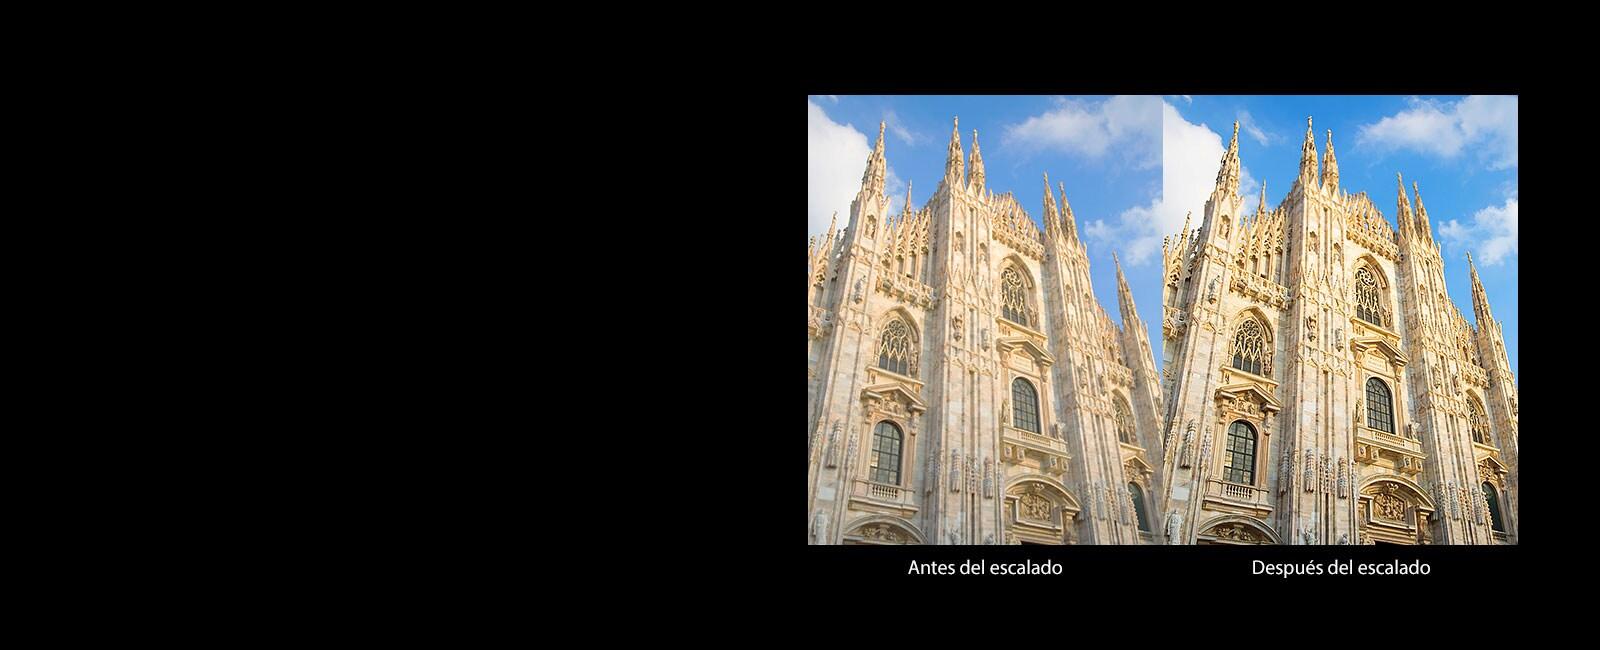 Comparación de una iglesia católica antes y después del escalado